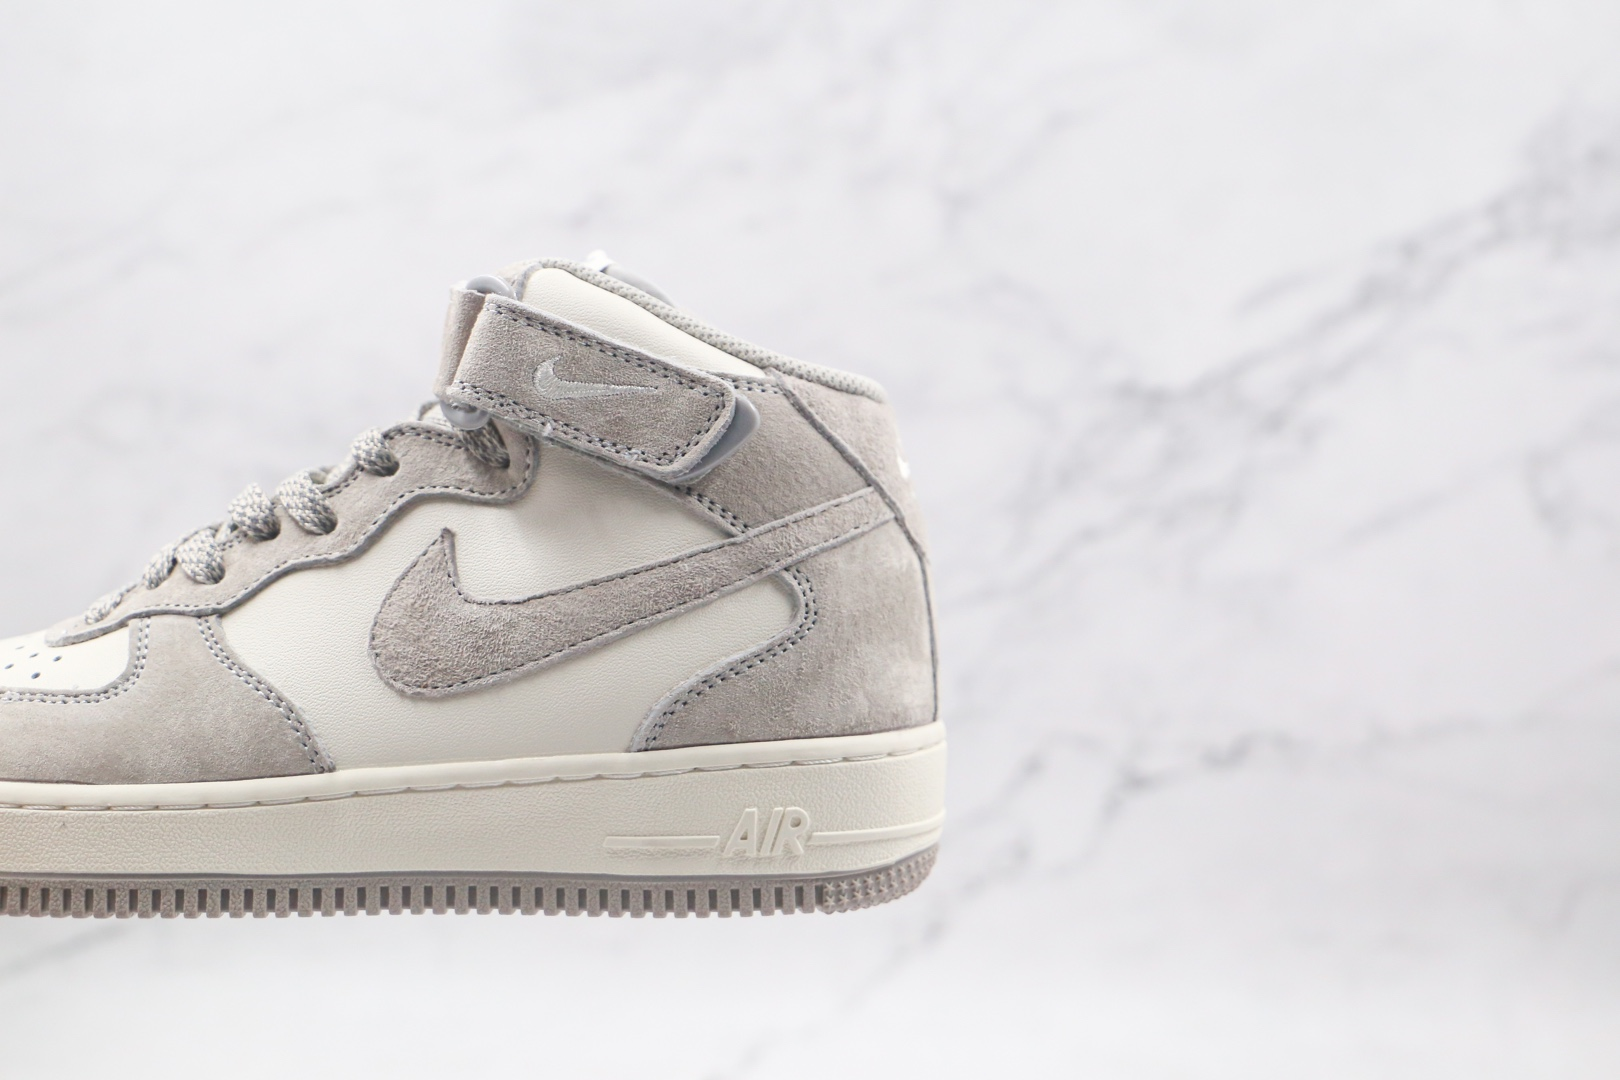 耐克Nike Air Force 1 07 MID纯原版本中帮空军一号灰白色鞋带反光板鞋内置Sole气垫 货号:CQ3866-015